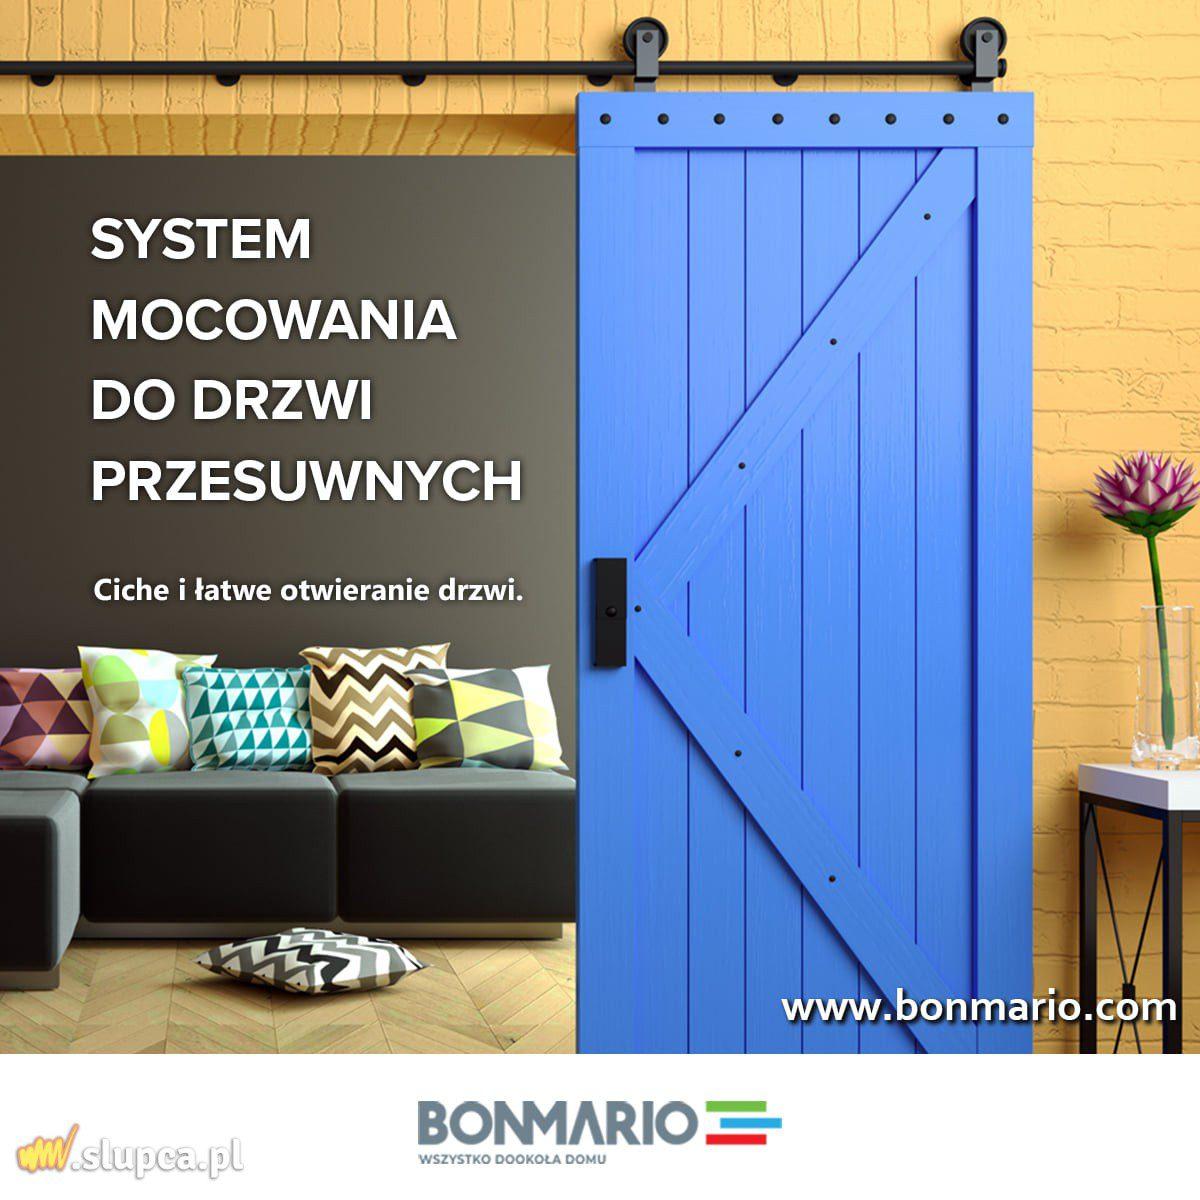 System drzwi przesuwnych - kup online na bonmario.com!